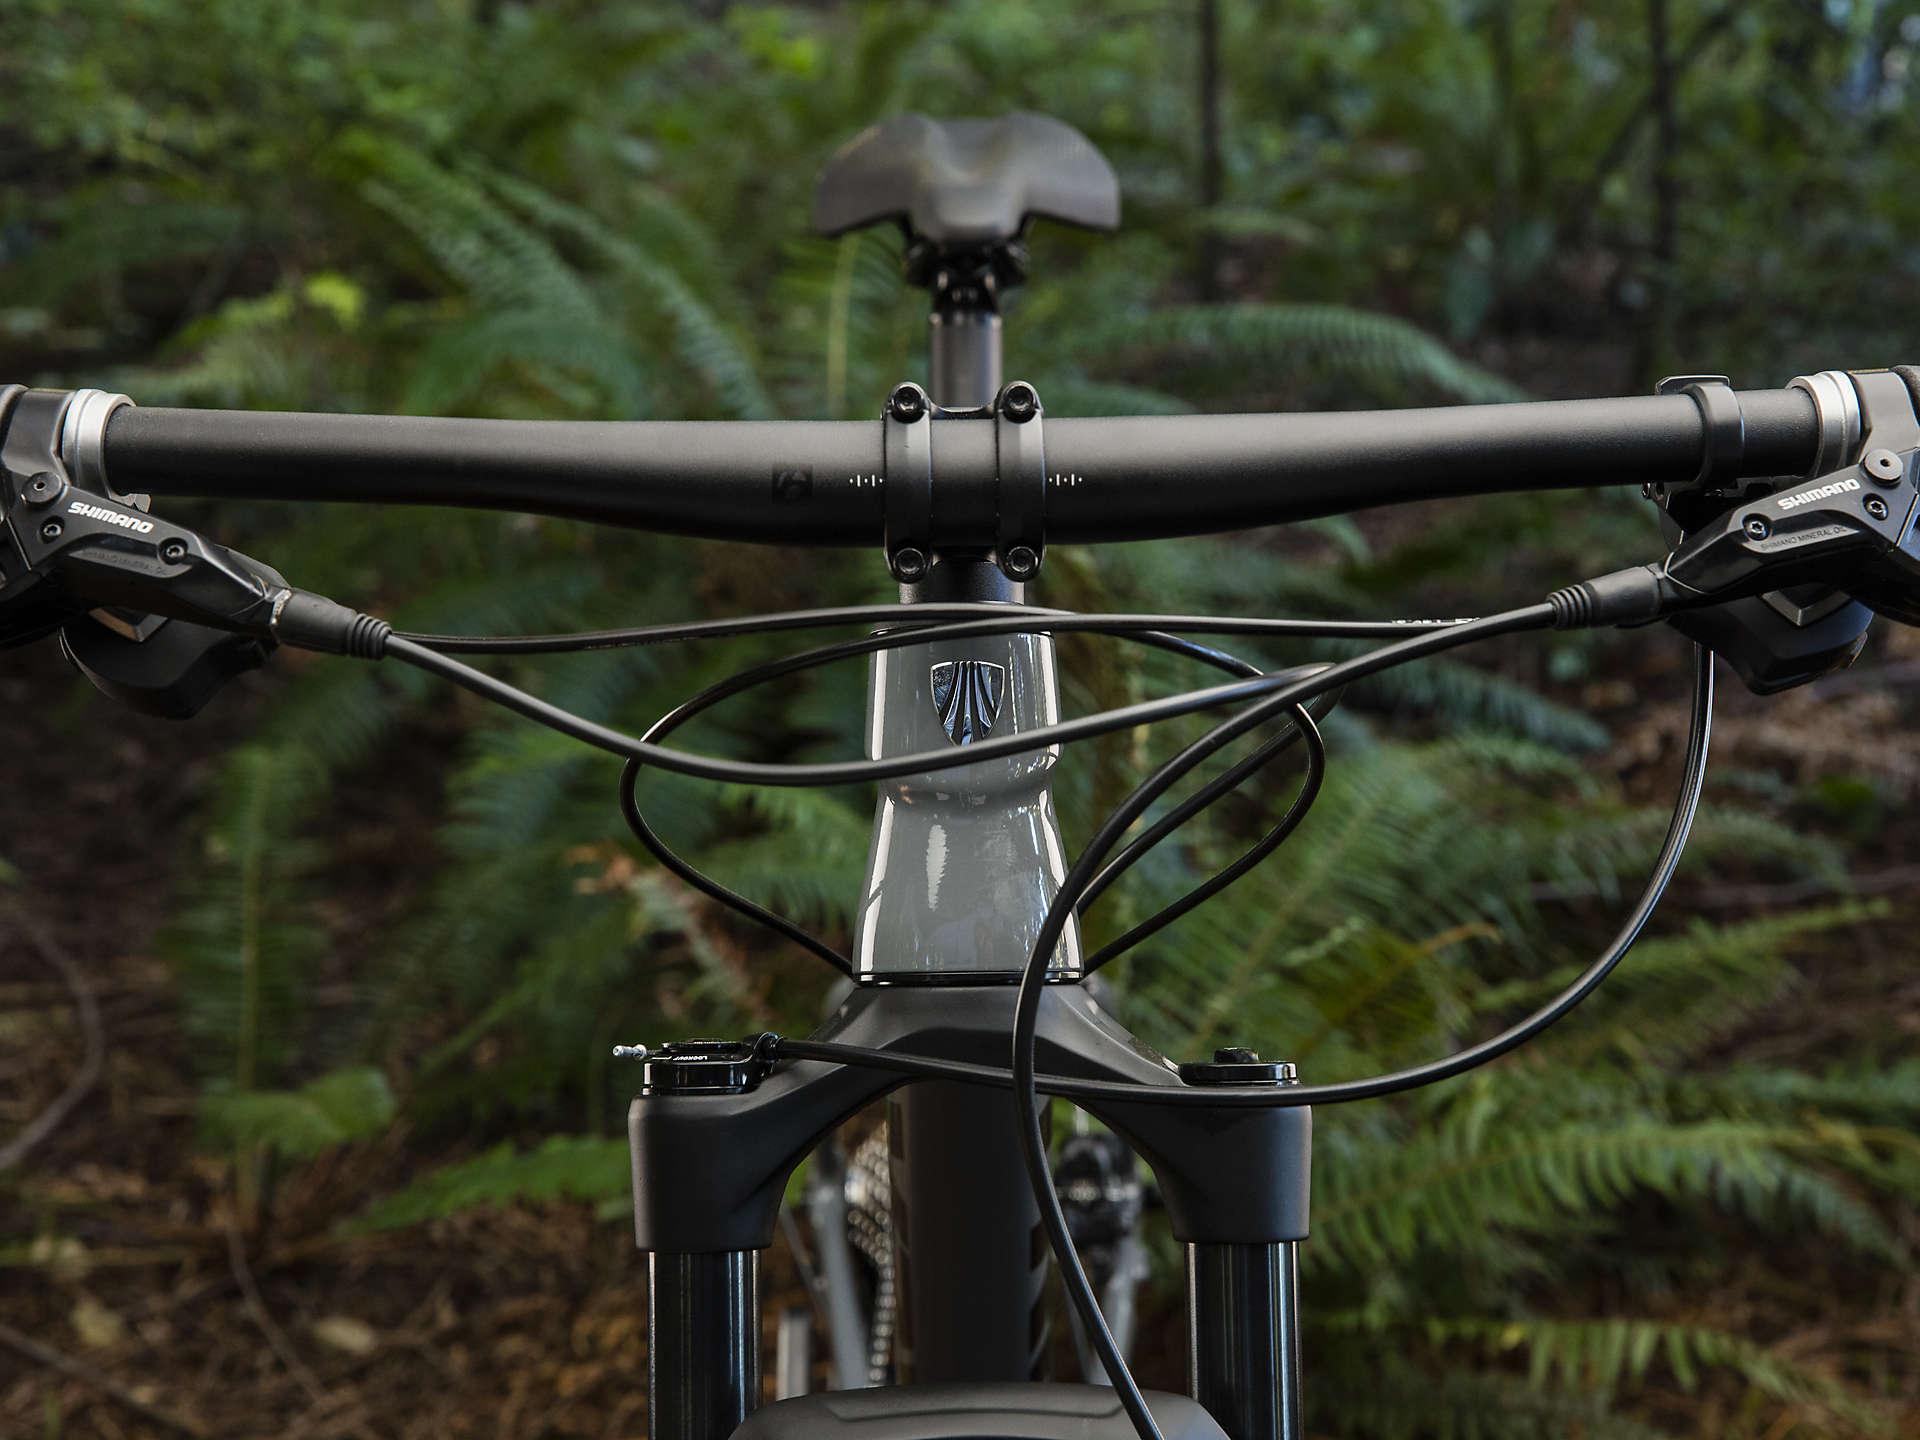 Bicicleta Trek X Caliber 9 - 2019 - R$8.075,00 - Tamanho 18,5